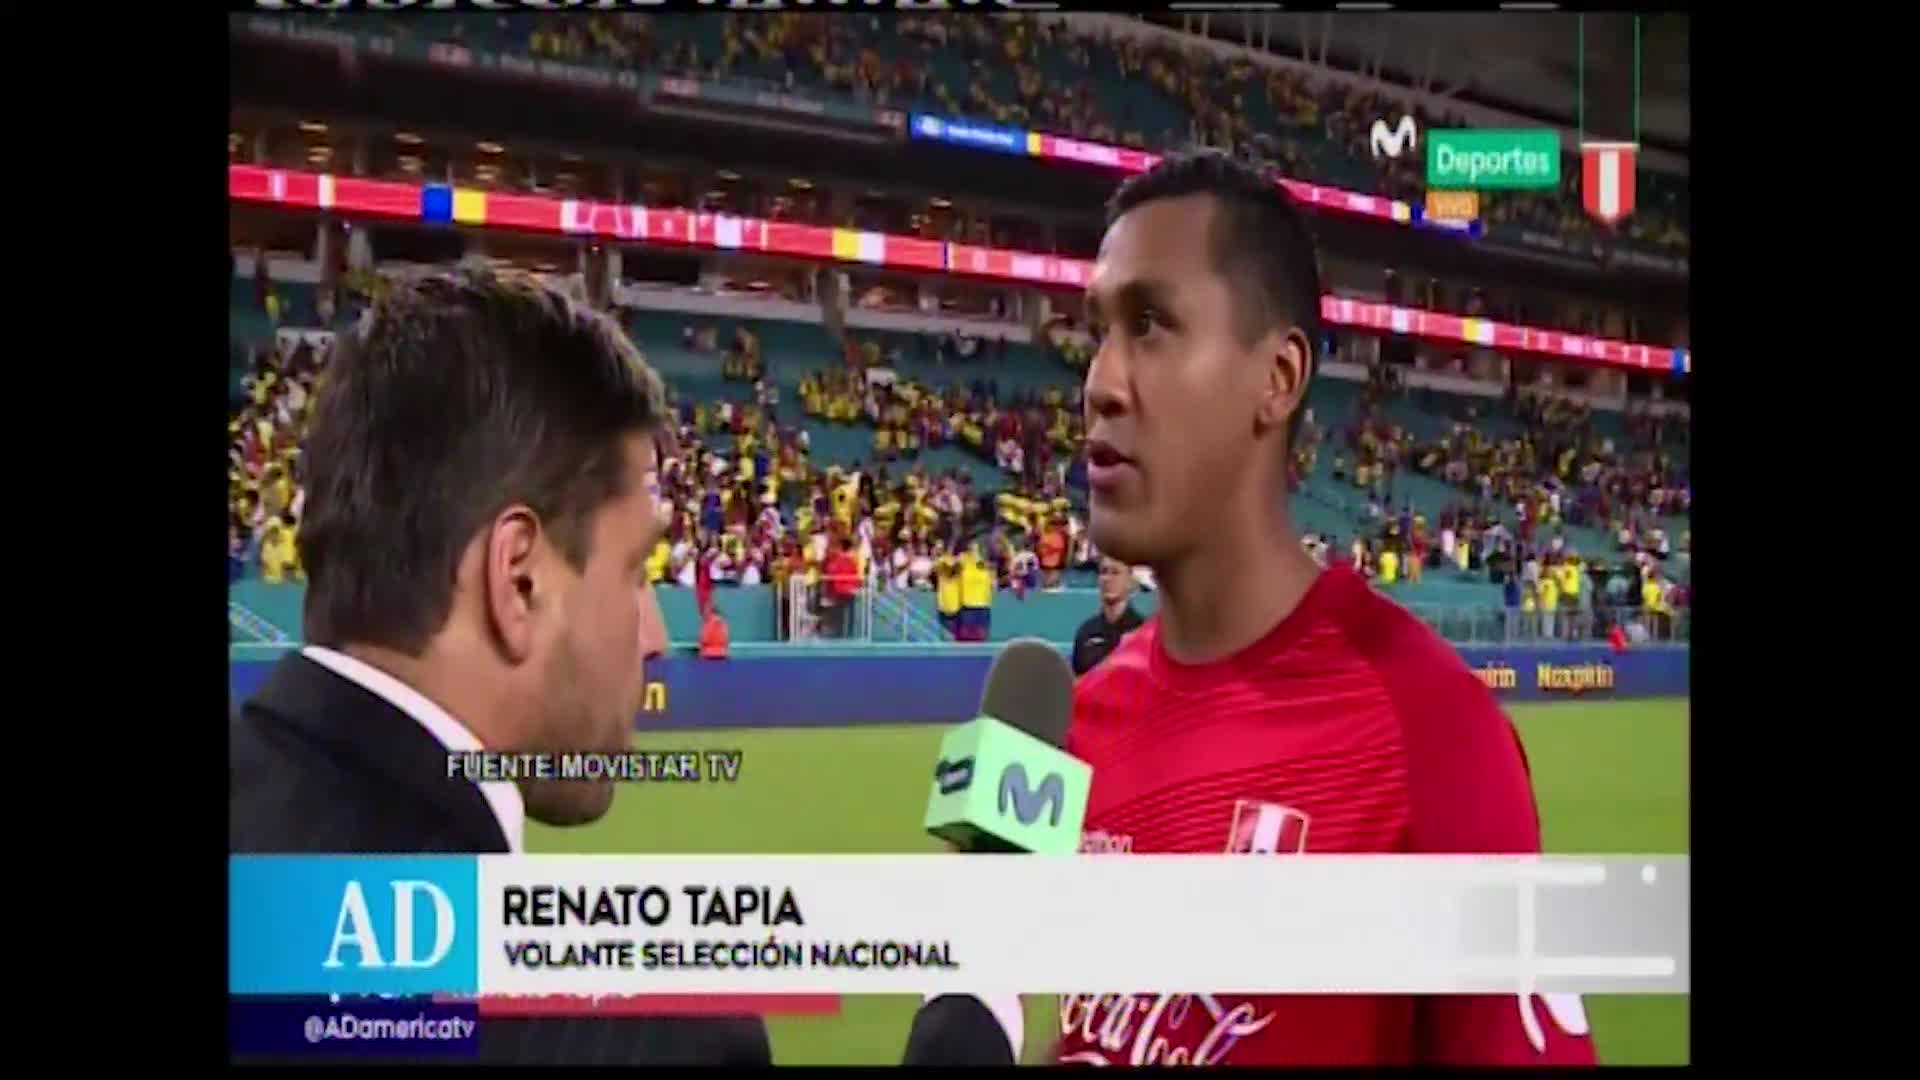 """Renato Tapia: """"Improvisamos un poco, la idea de jugar con Advincula por fuera le costó"""""""